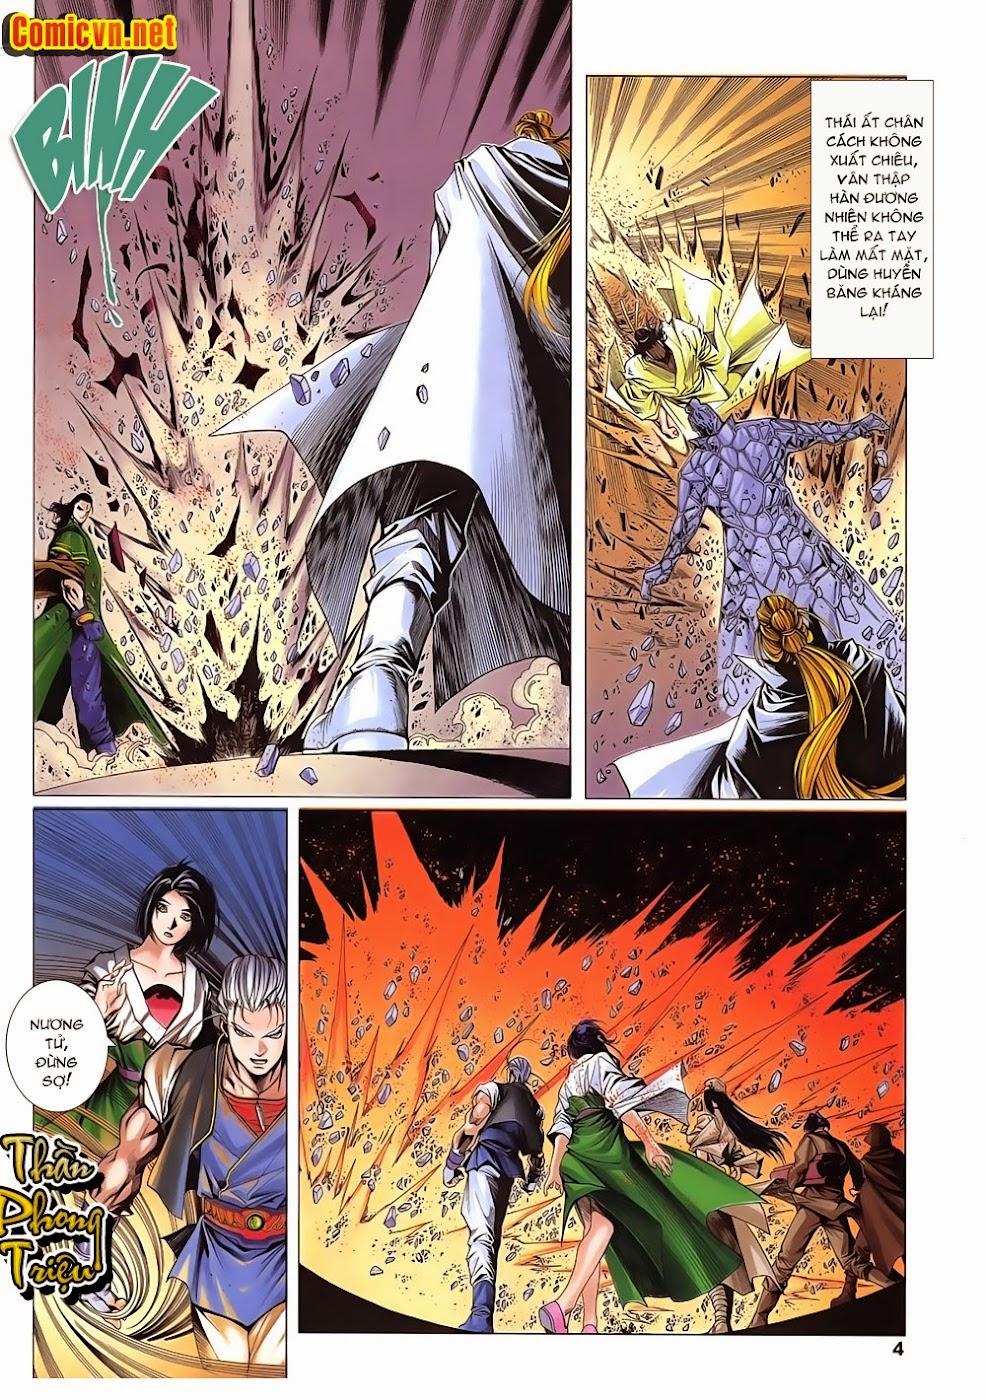 Lục Đạo Thiên Thư chap 15 - Trang 4